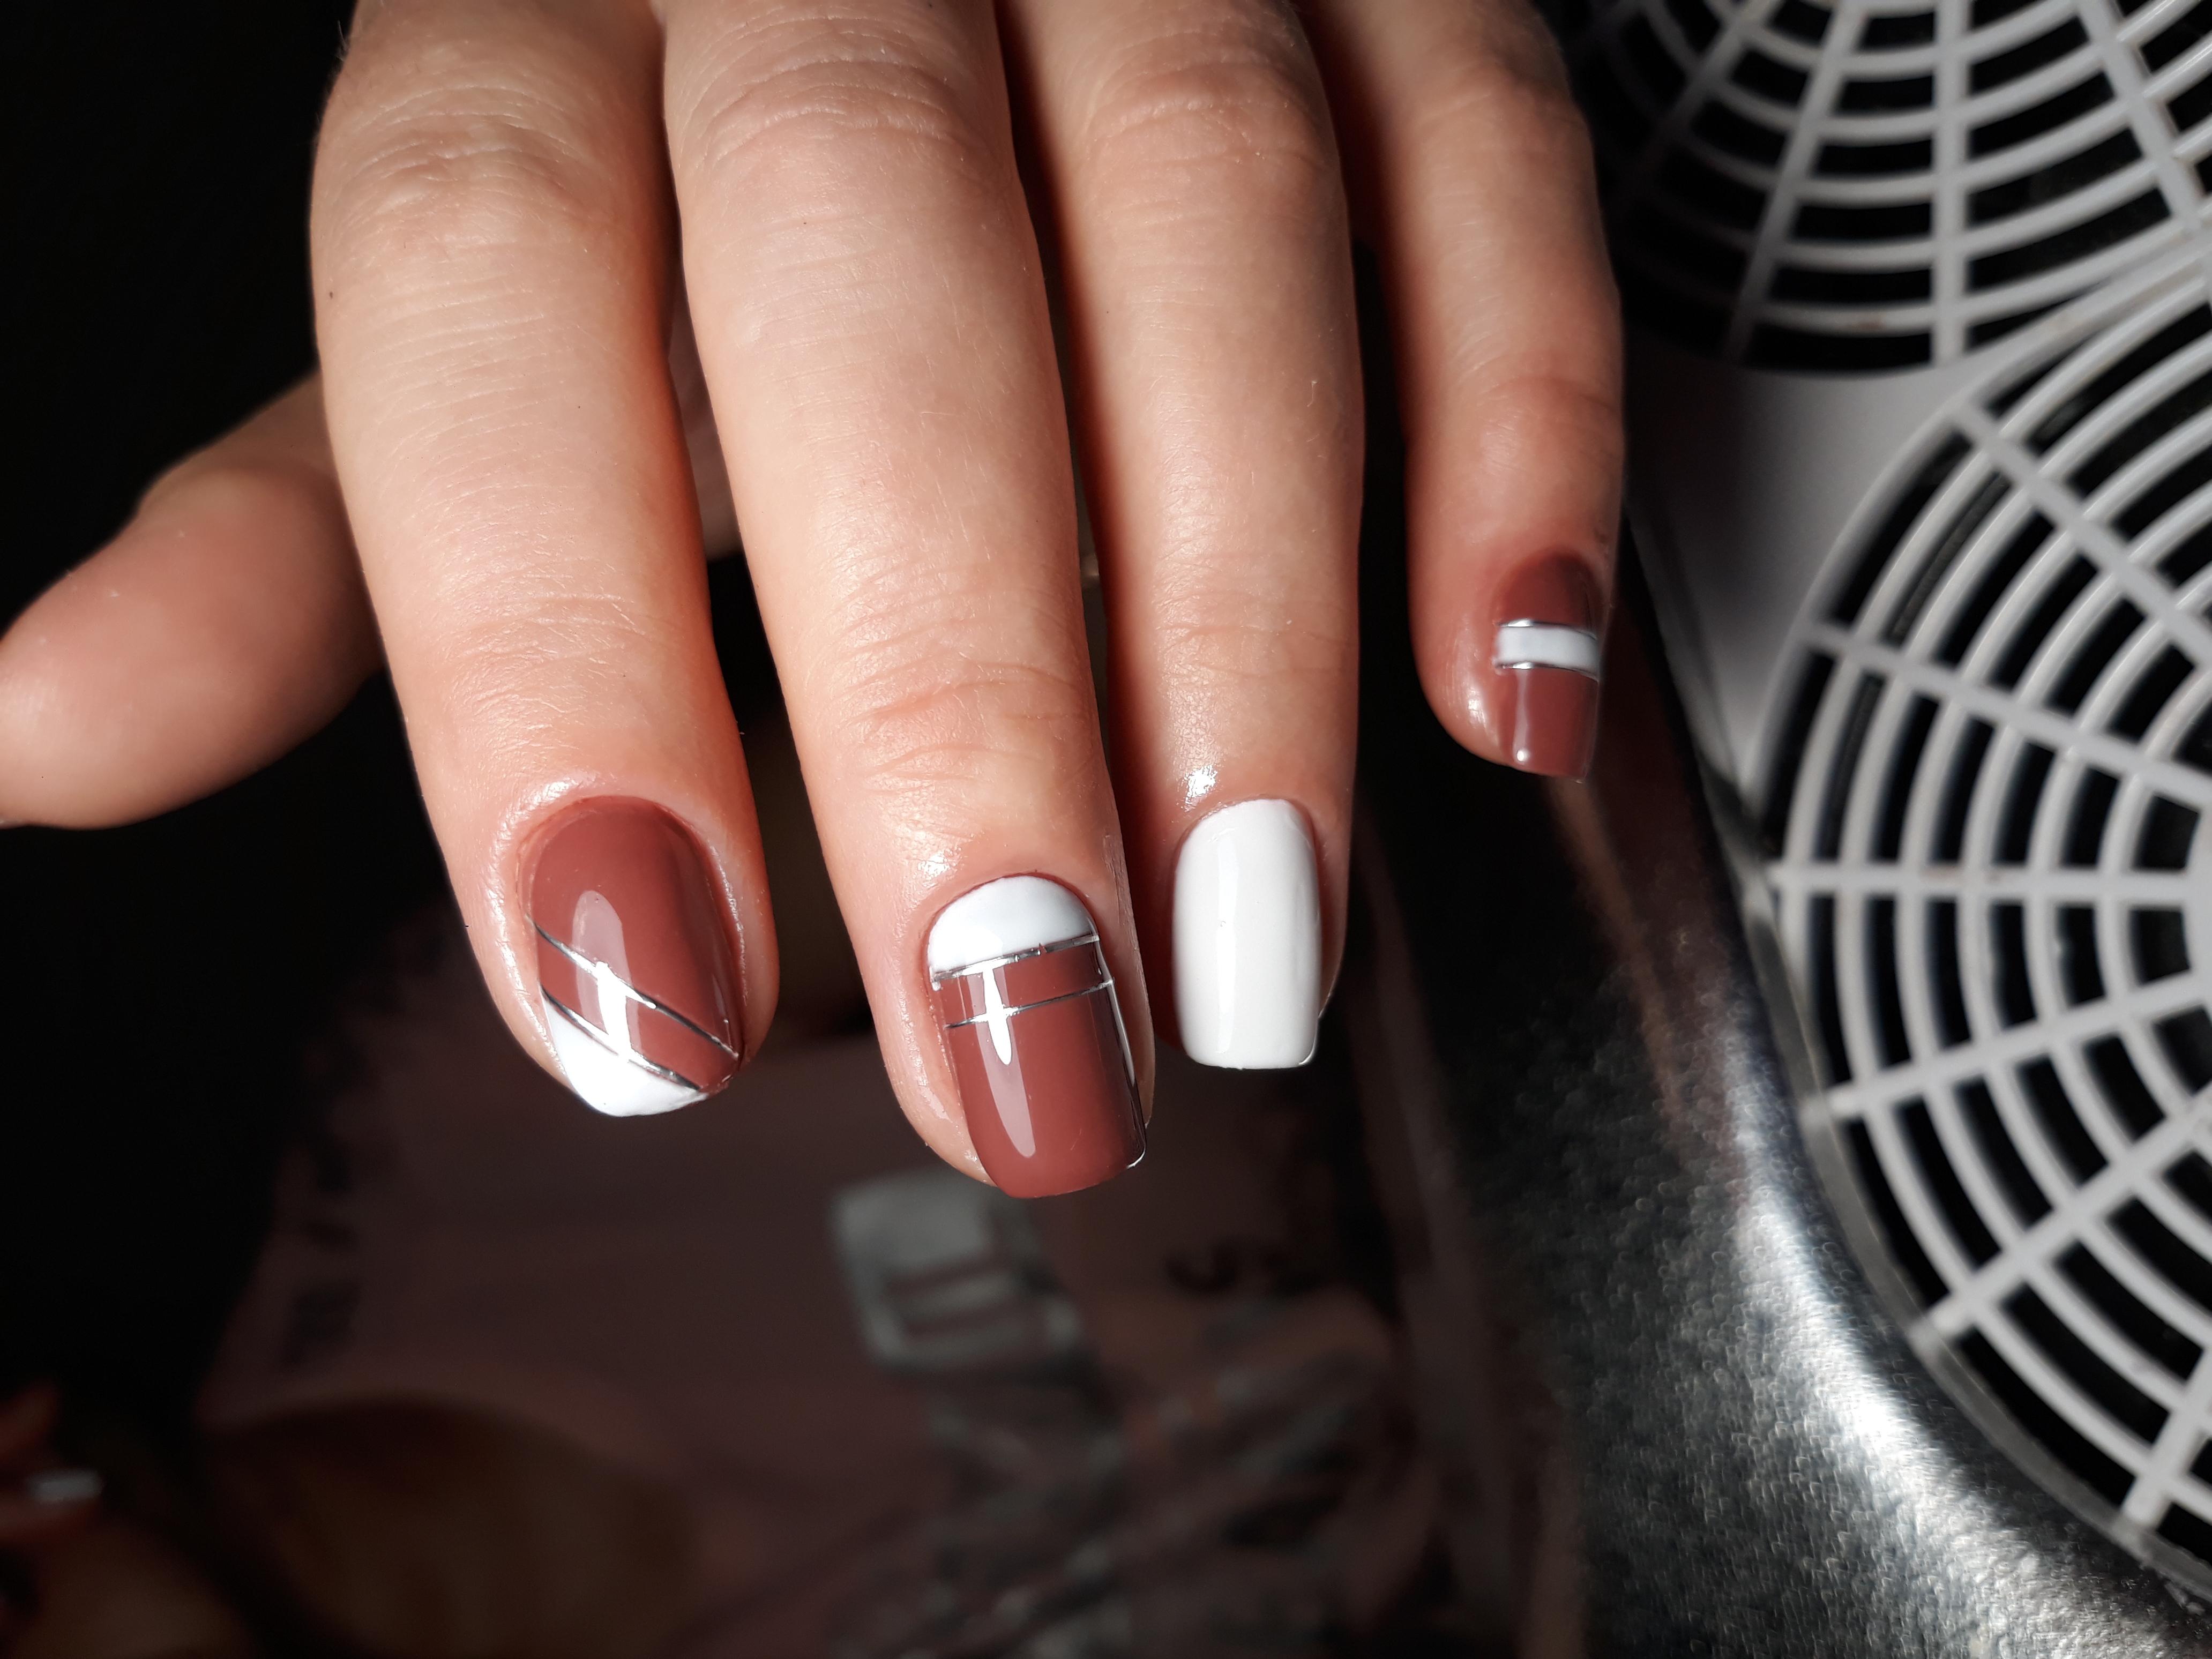 Геометрический маникюр с серебряными полосками в коричневом цвете на короткие ногти.